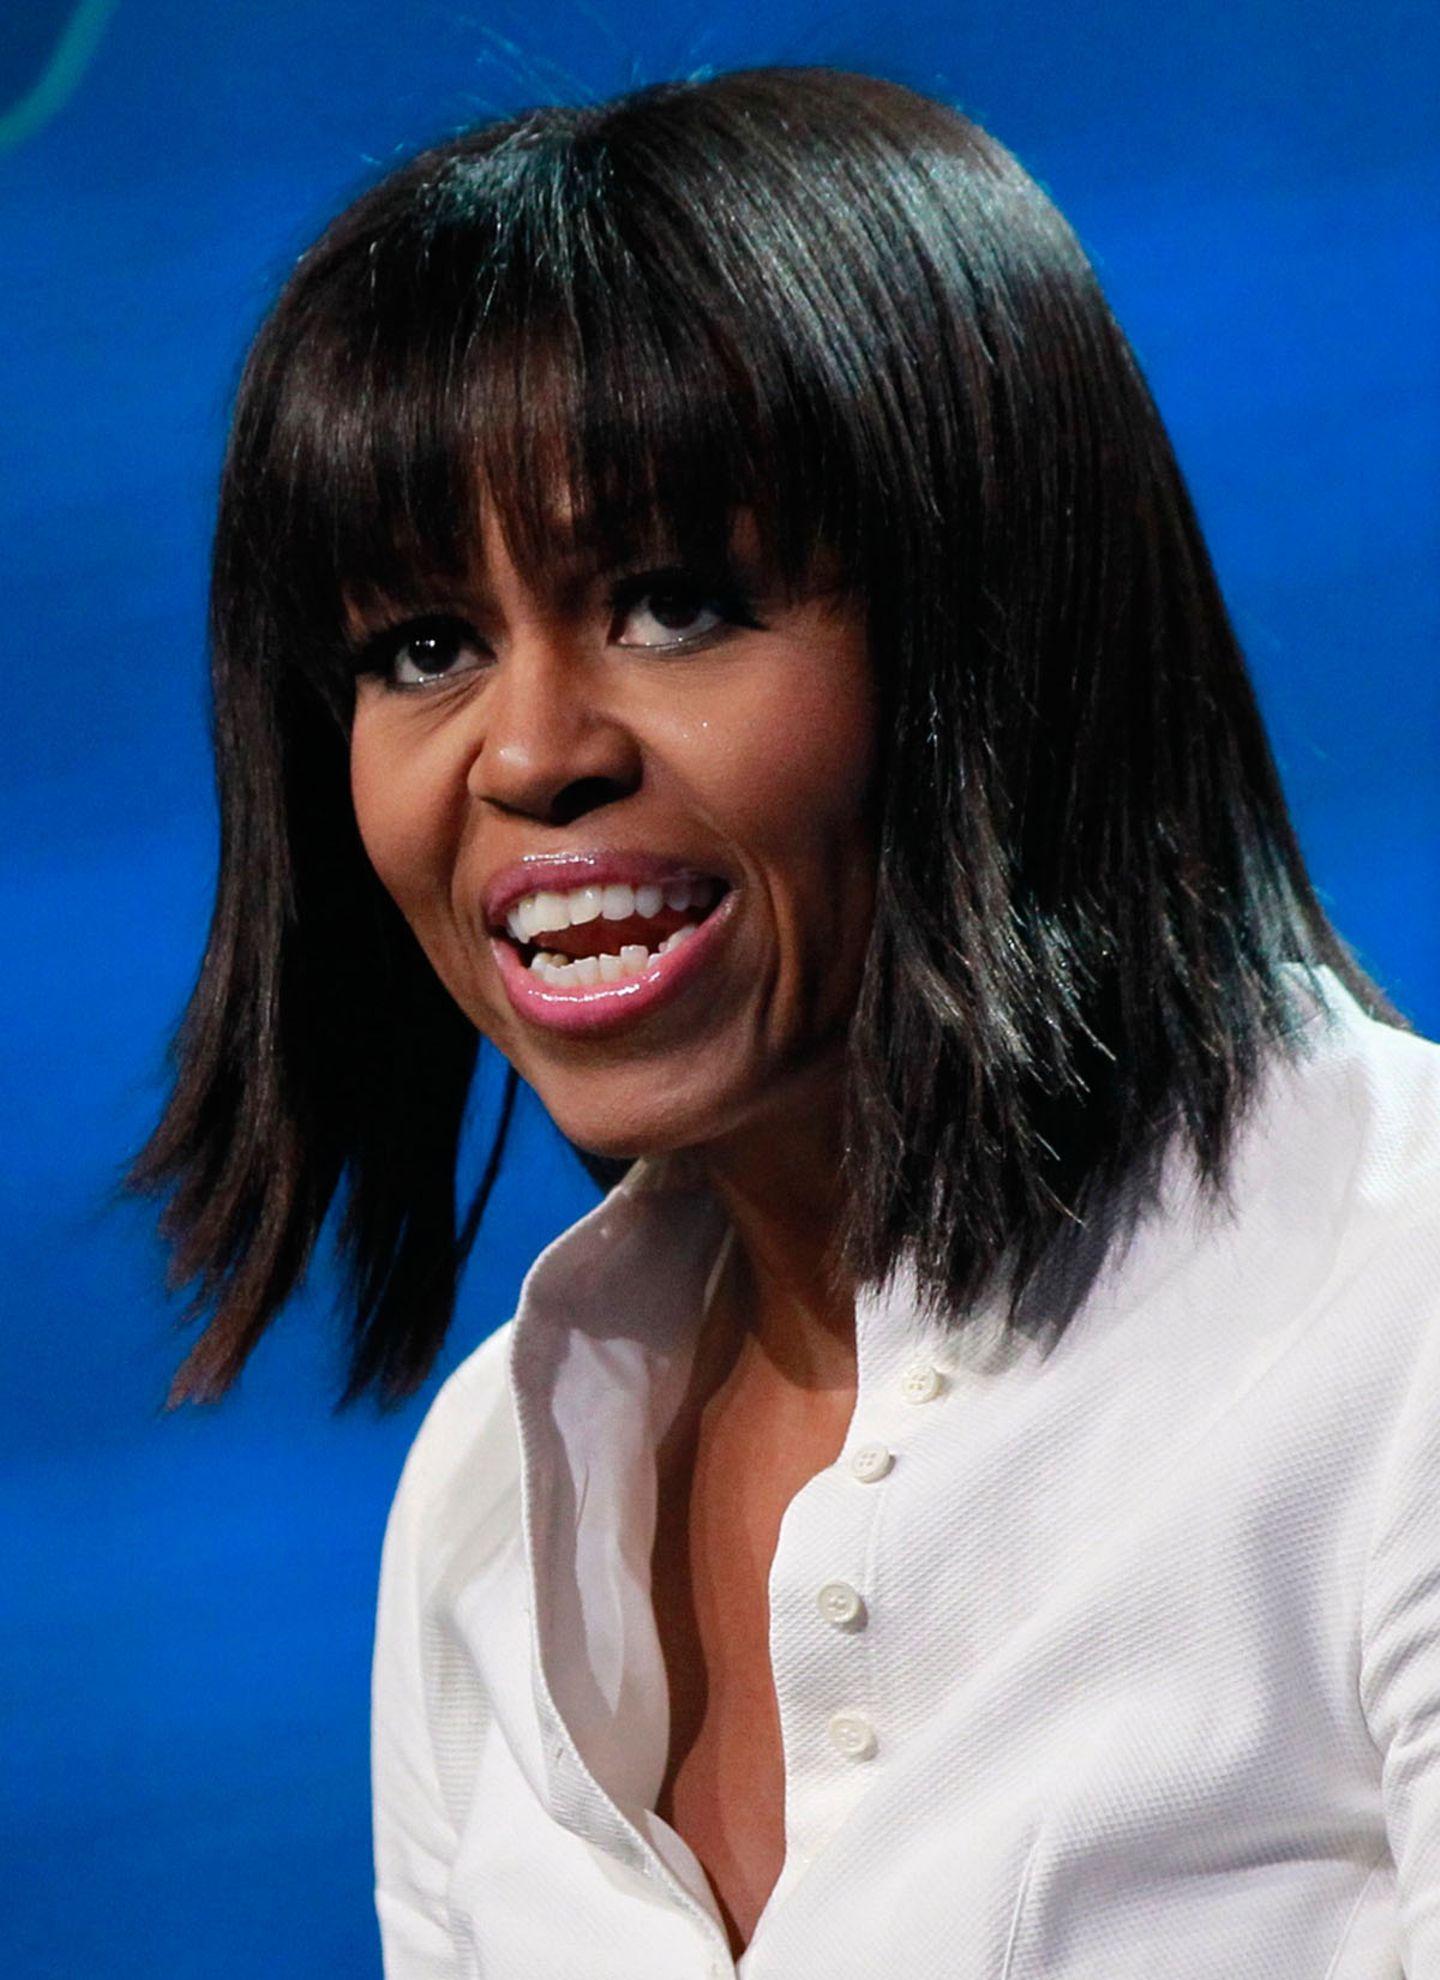 Stars + Frisuren: Rechtzeitig zur zweiten Amtszeit von Barack Obama hat sie sich mit Pony und geglätteten Spitzen einer frisurlichen Verjüngungskur unterzogen.